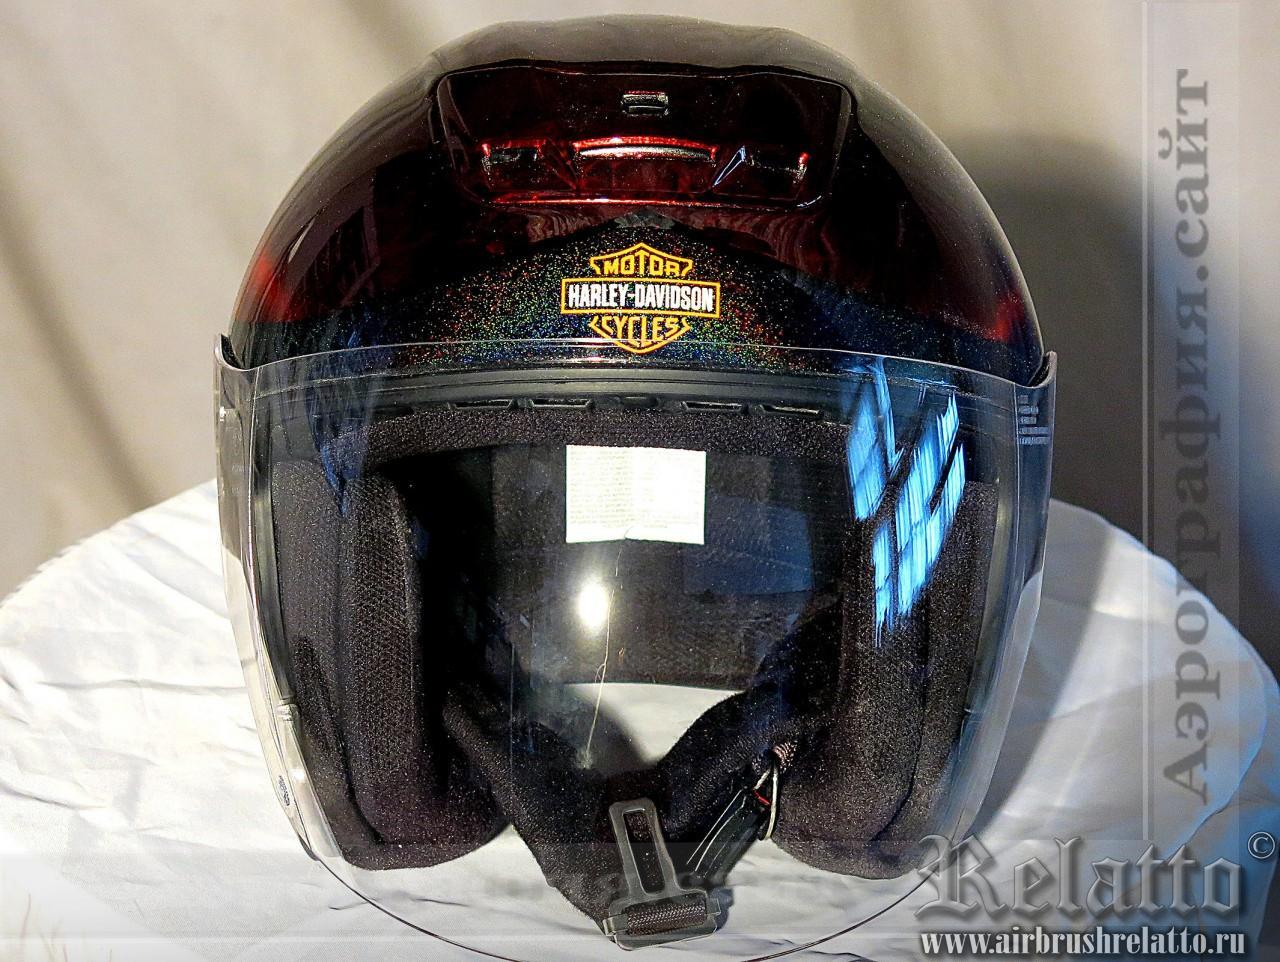 Мотошлем Harley Davidson